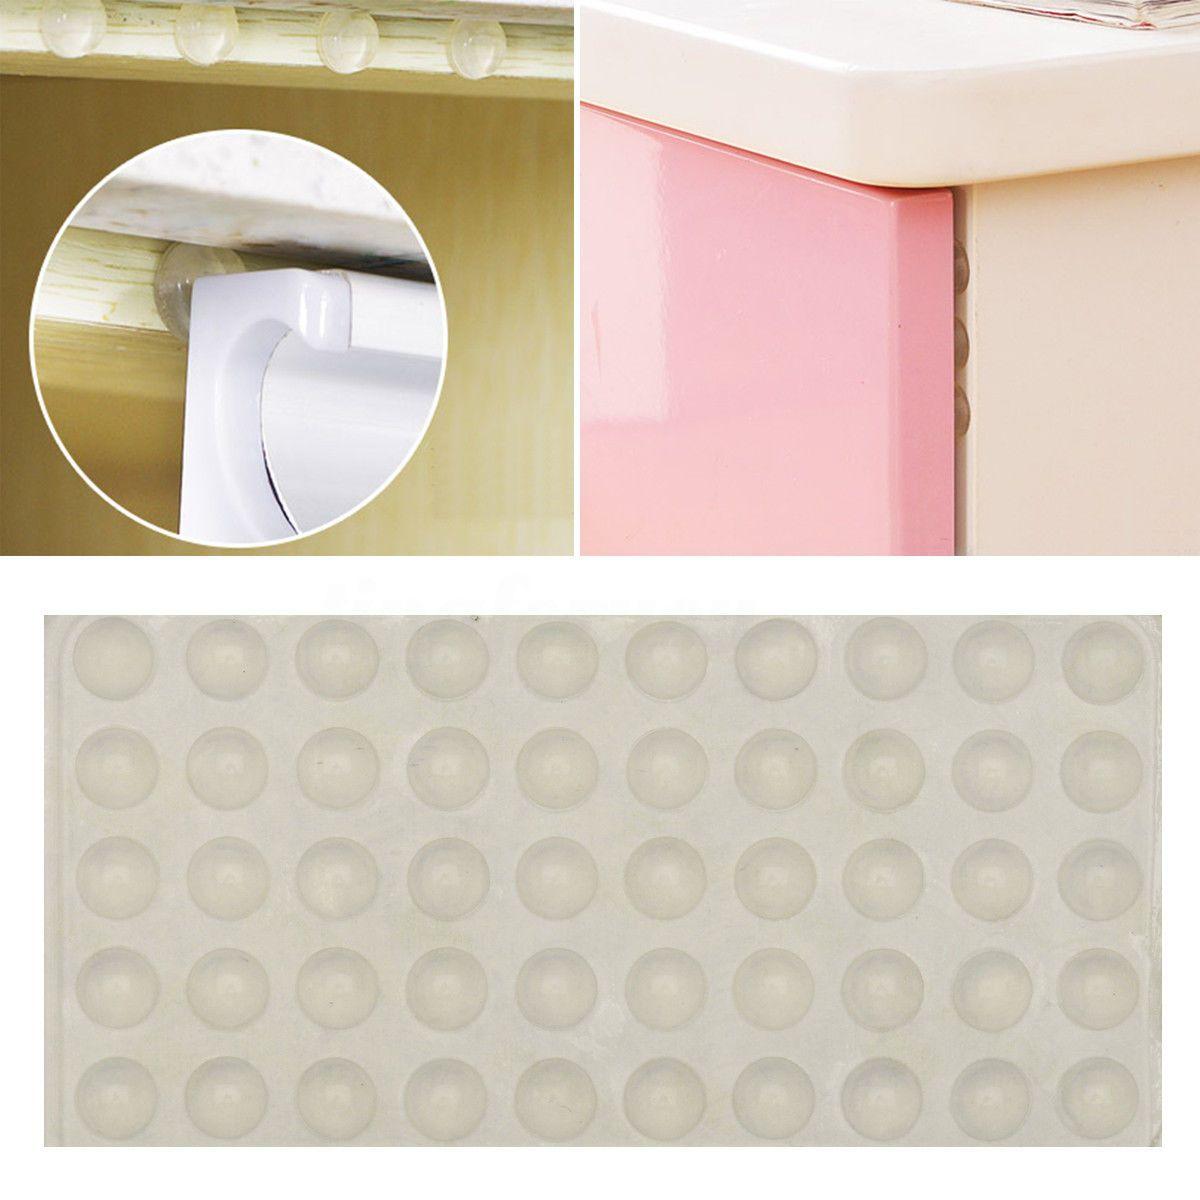 1 07 Gbp 50 200 Adhesive Rubber Feet Buffers Stops Door Cupboard